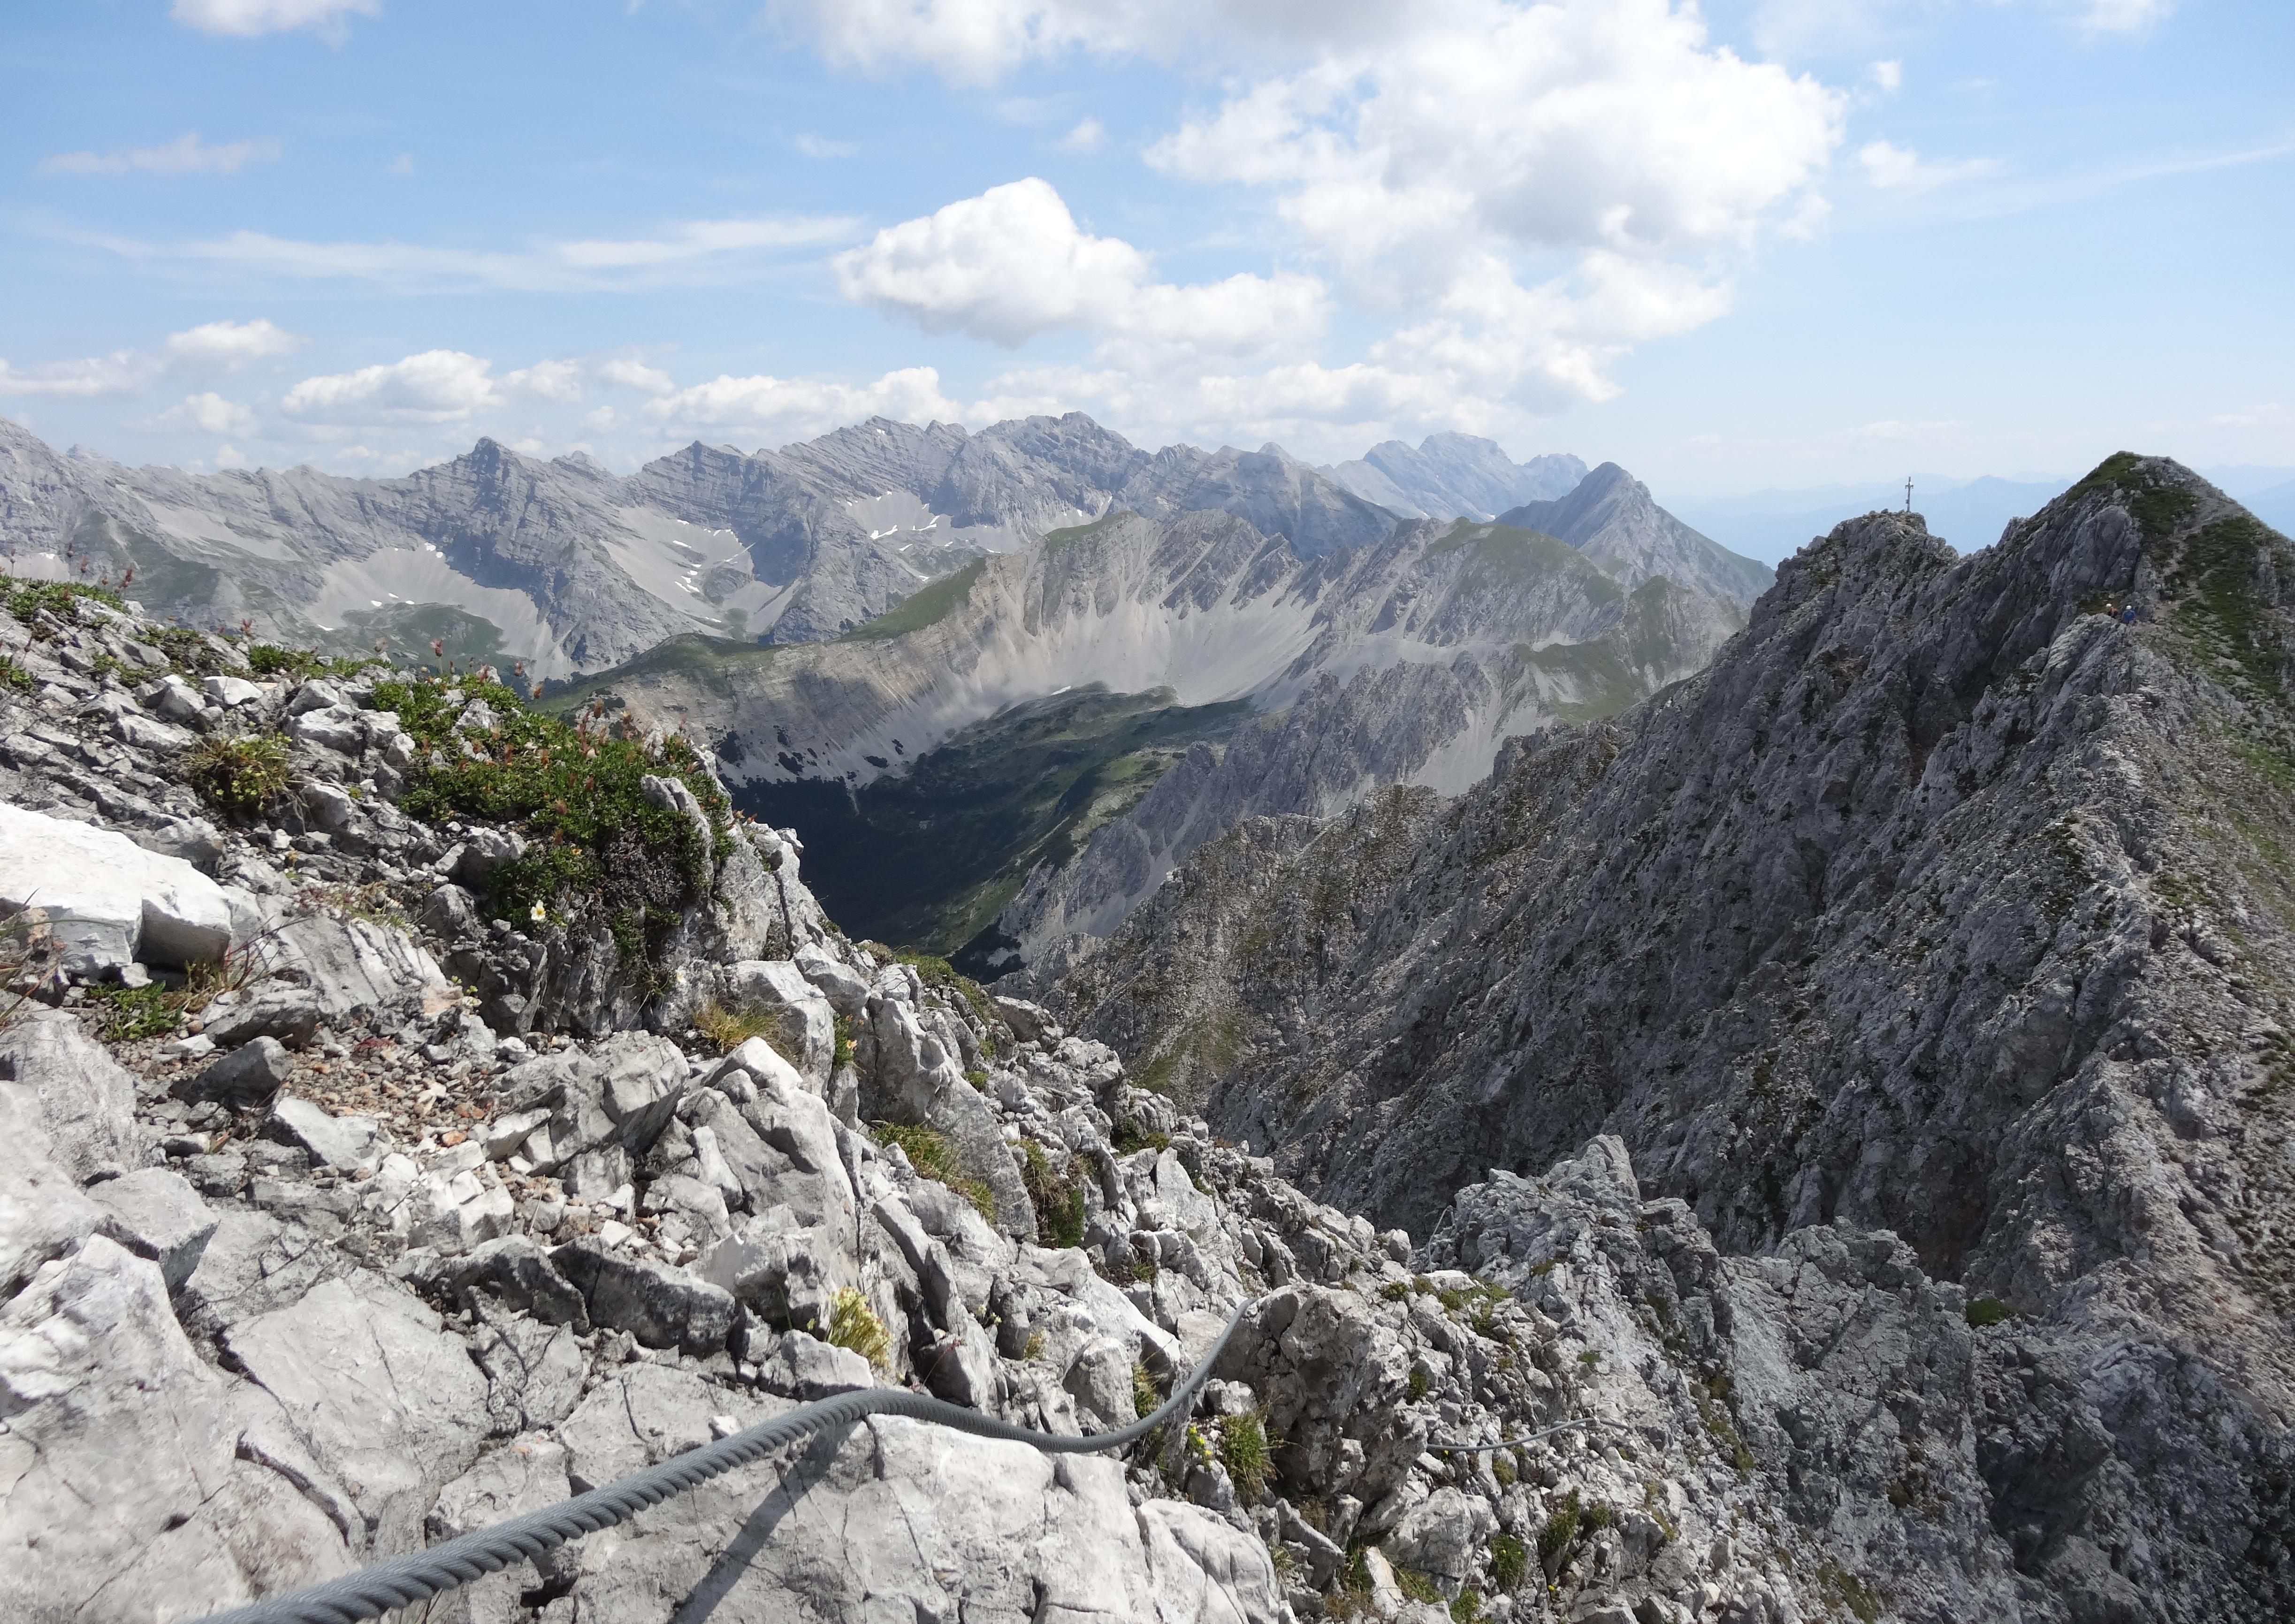 Klettersteig Nordkette : Innsbrucker klettersteig grat klettern über 7 gipfel chen lisa